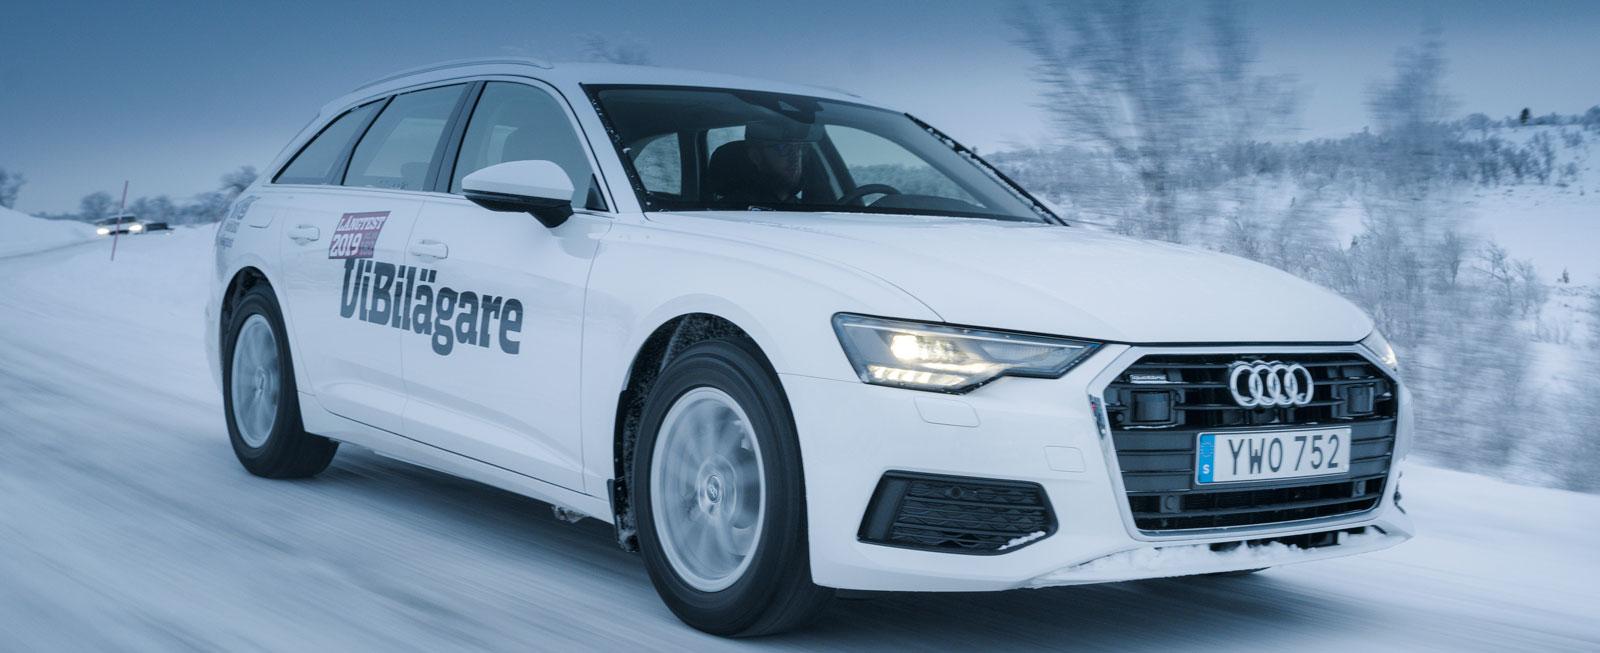 Testvärden: Audi A6, Dacia Duster, Ford Focus, Hyundai Kona och Volvo V60 (2019)